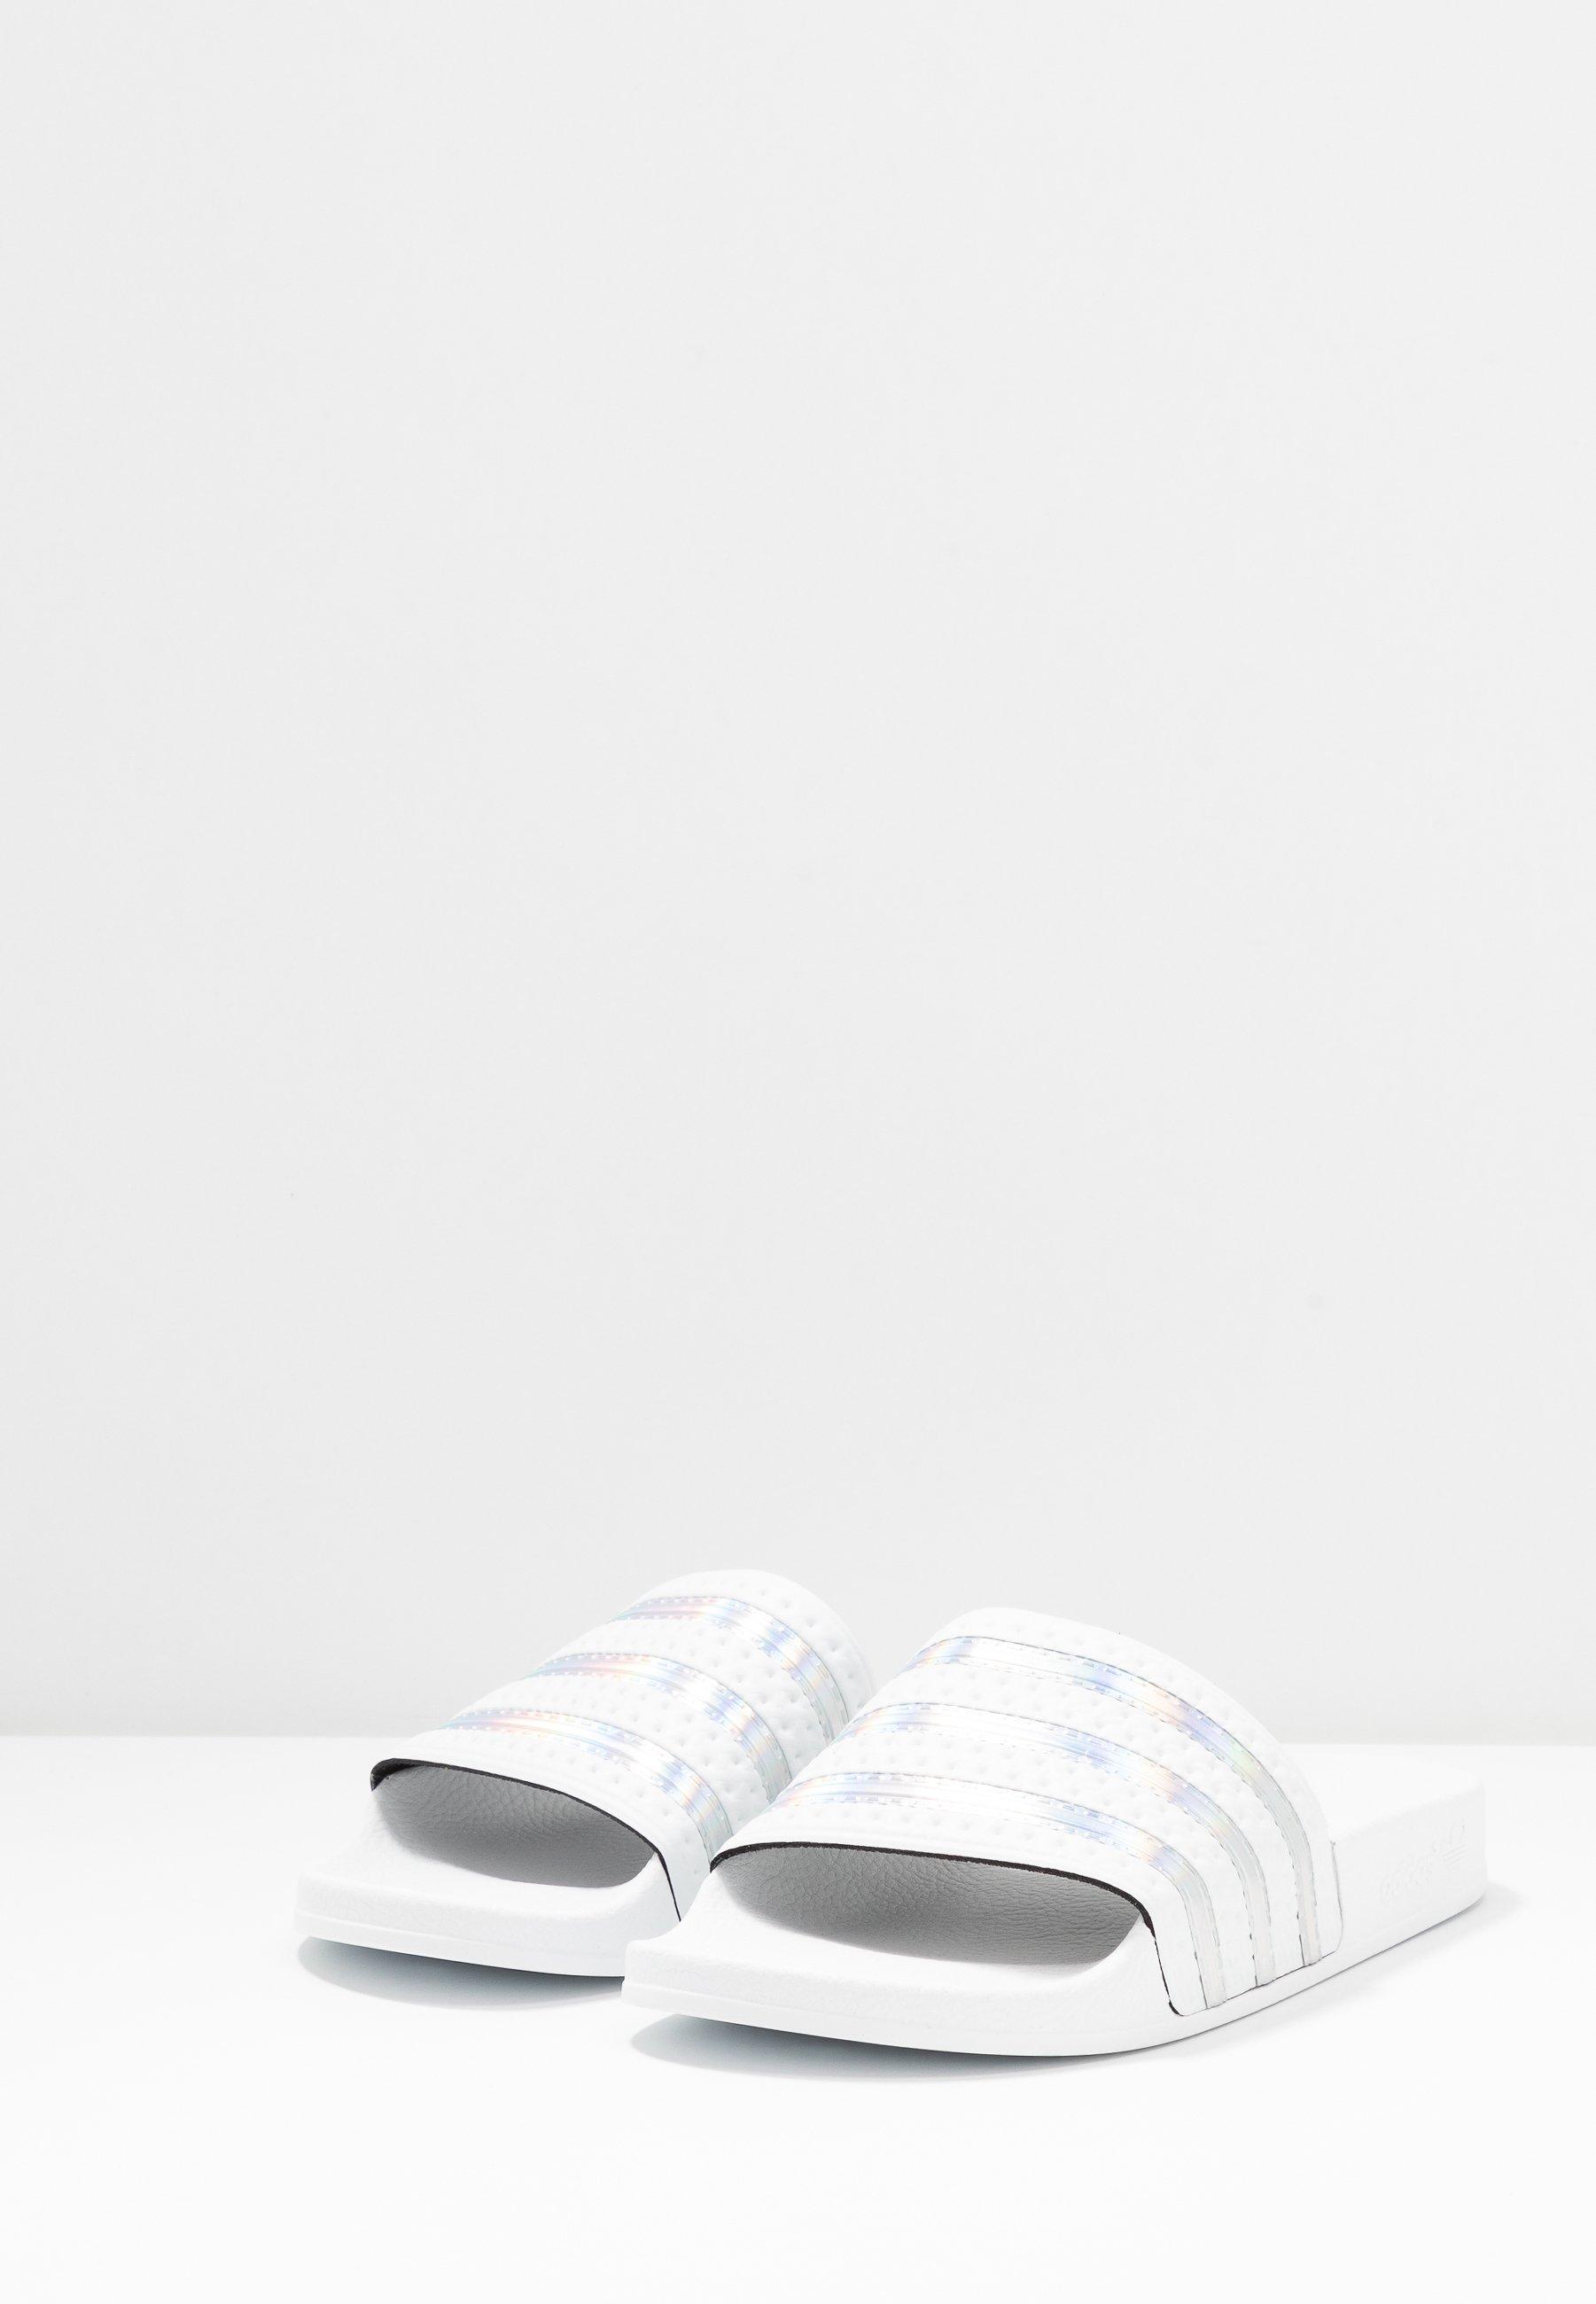 adidas Originals ADILETTE SPORTS INSPIRED SLIDES Pantolette flach crystal white/footwear white/weiß